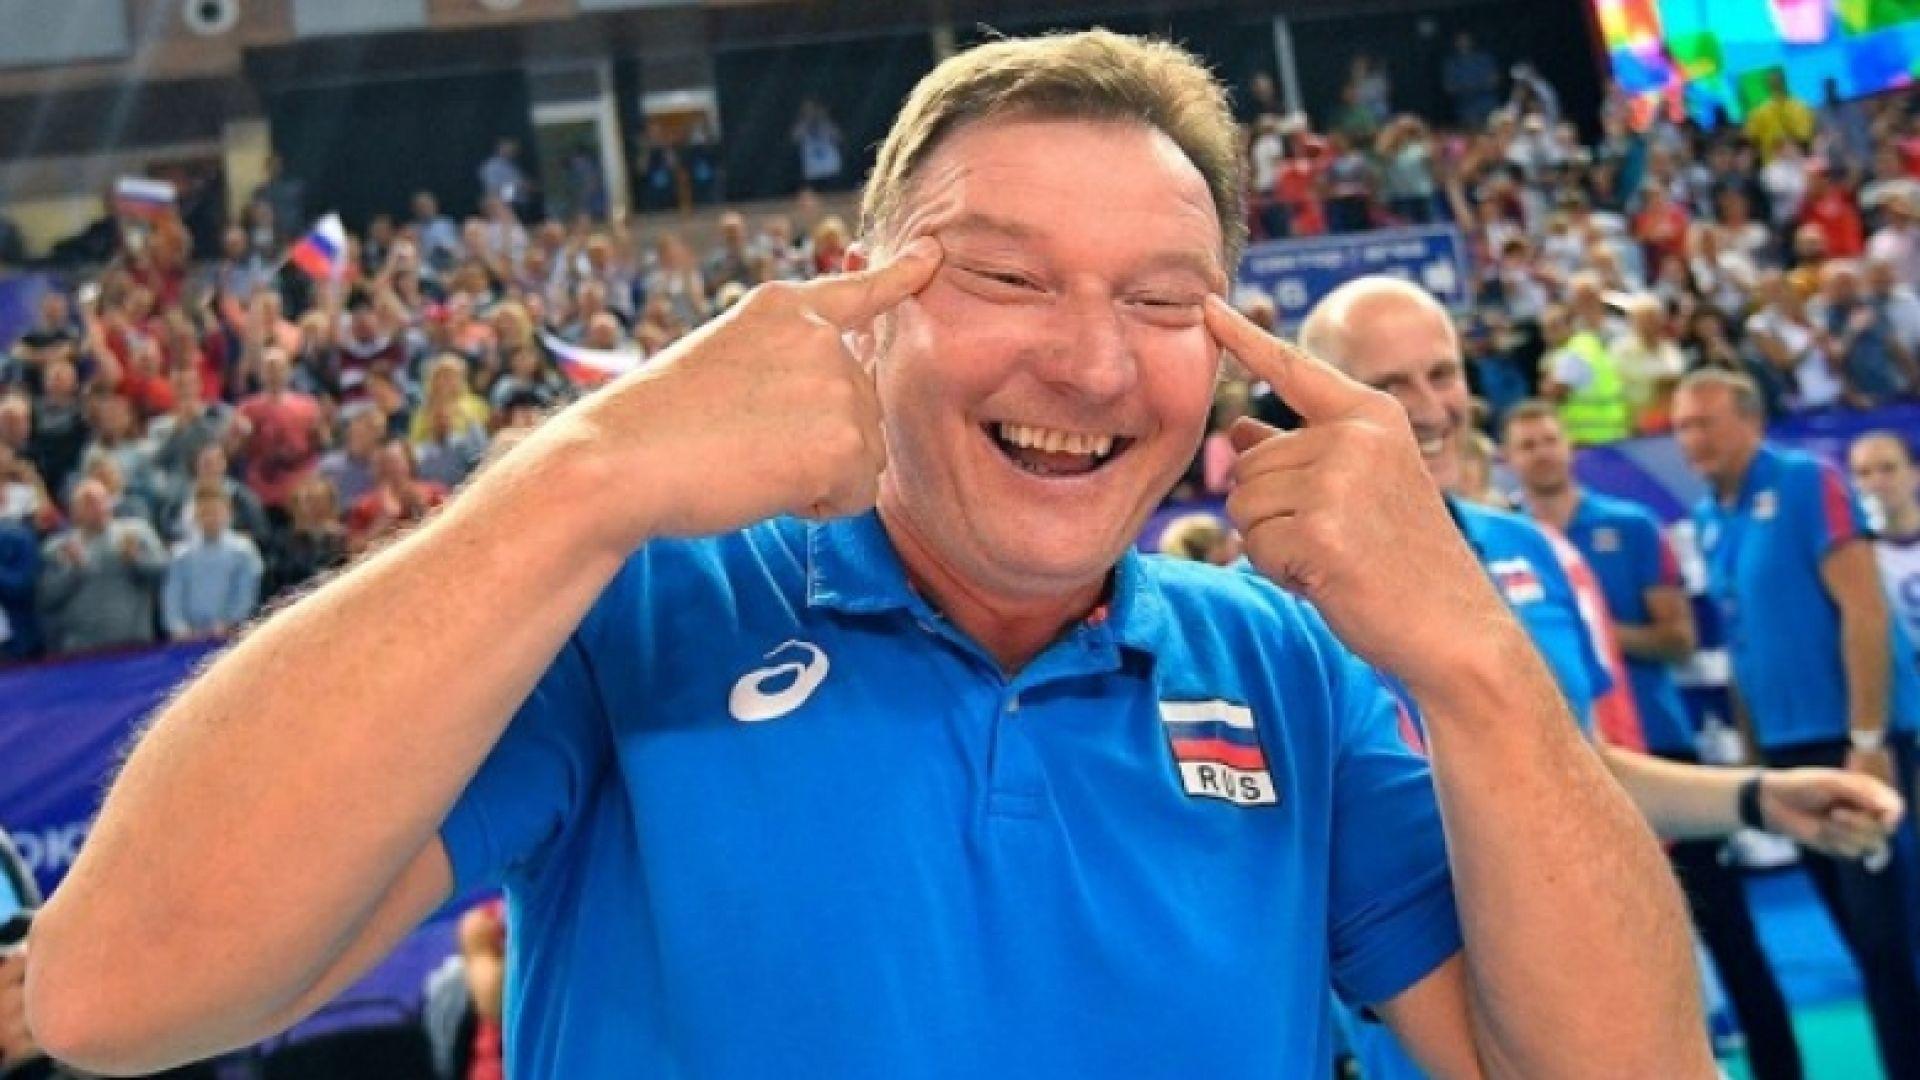 Треньор на Русия вбеси южнокорейците с расистки жест